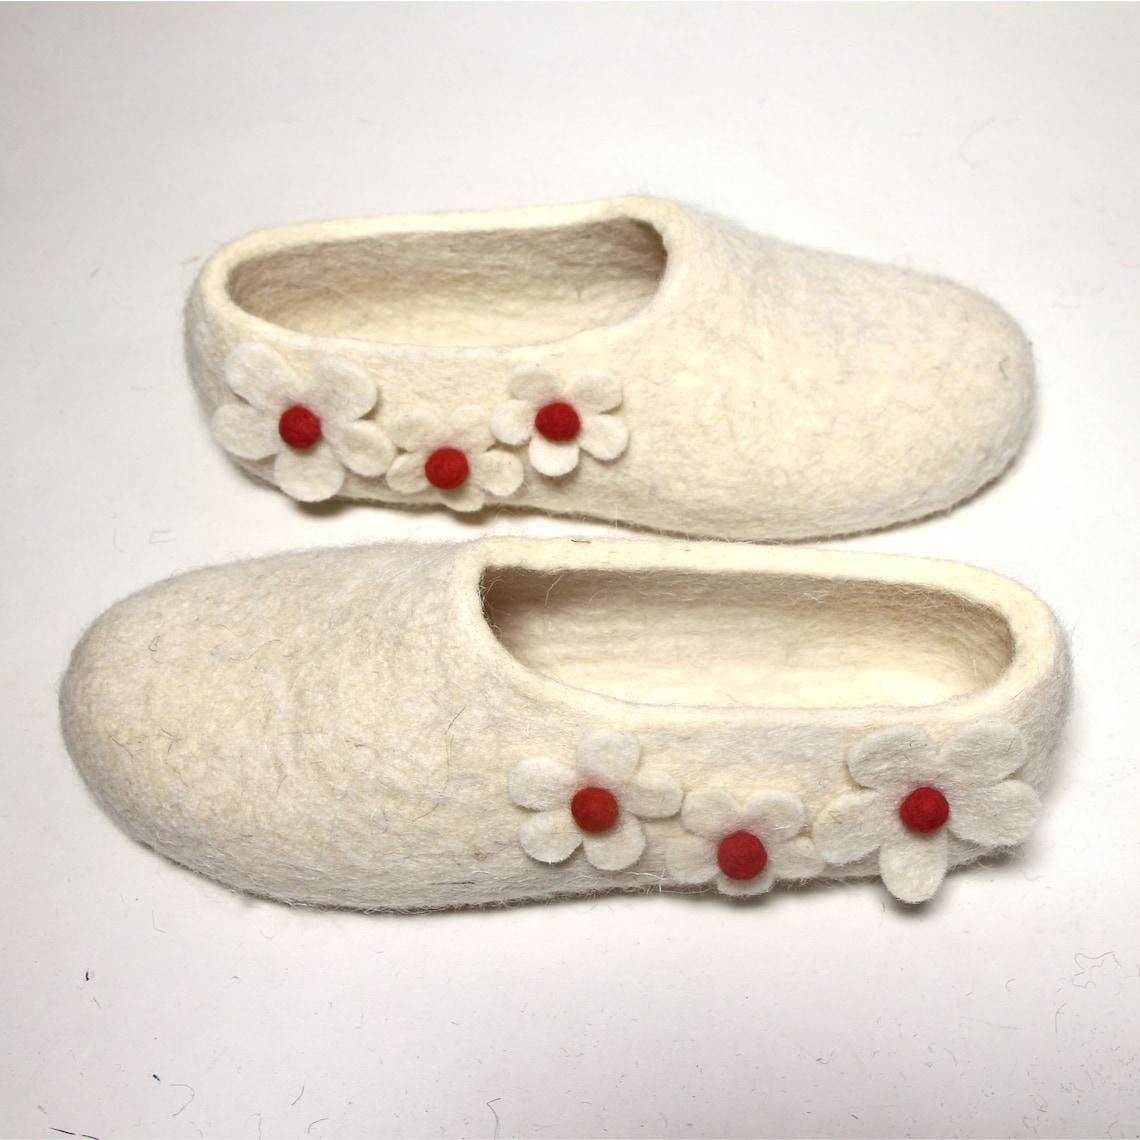 Blanco Eco Felt novia zapatillas, zapatillas de lana, Aniversario floral - Handmade Navidad zapatillas de invierno lana orgánica - 20 colores Mix Match